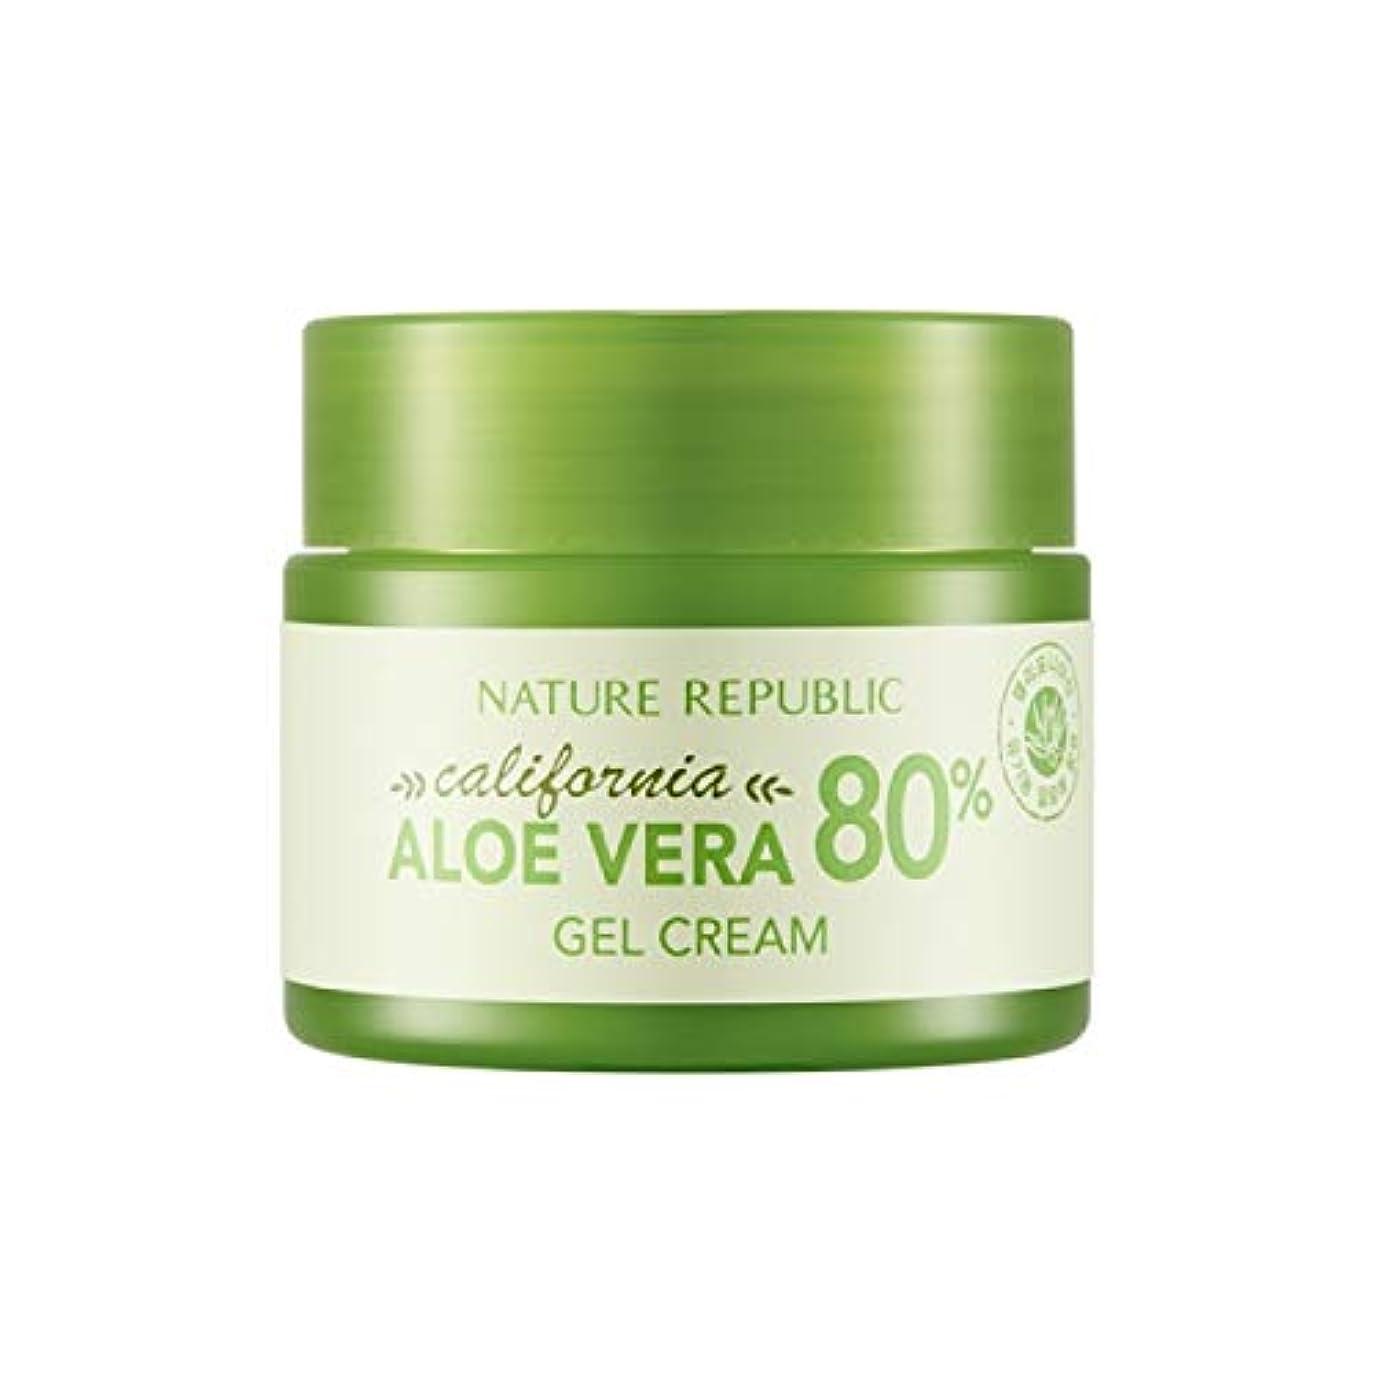 パートナー金額厳密にネイチャーリパブリック(Nature Republic)カリフォルニアアロエベラ80%ジェルクリーム 50ml / California Aloe Vera 80% Gel Cream 50ml :: 韓国コスメ [並行輸入品]